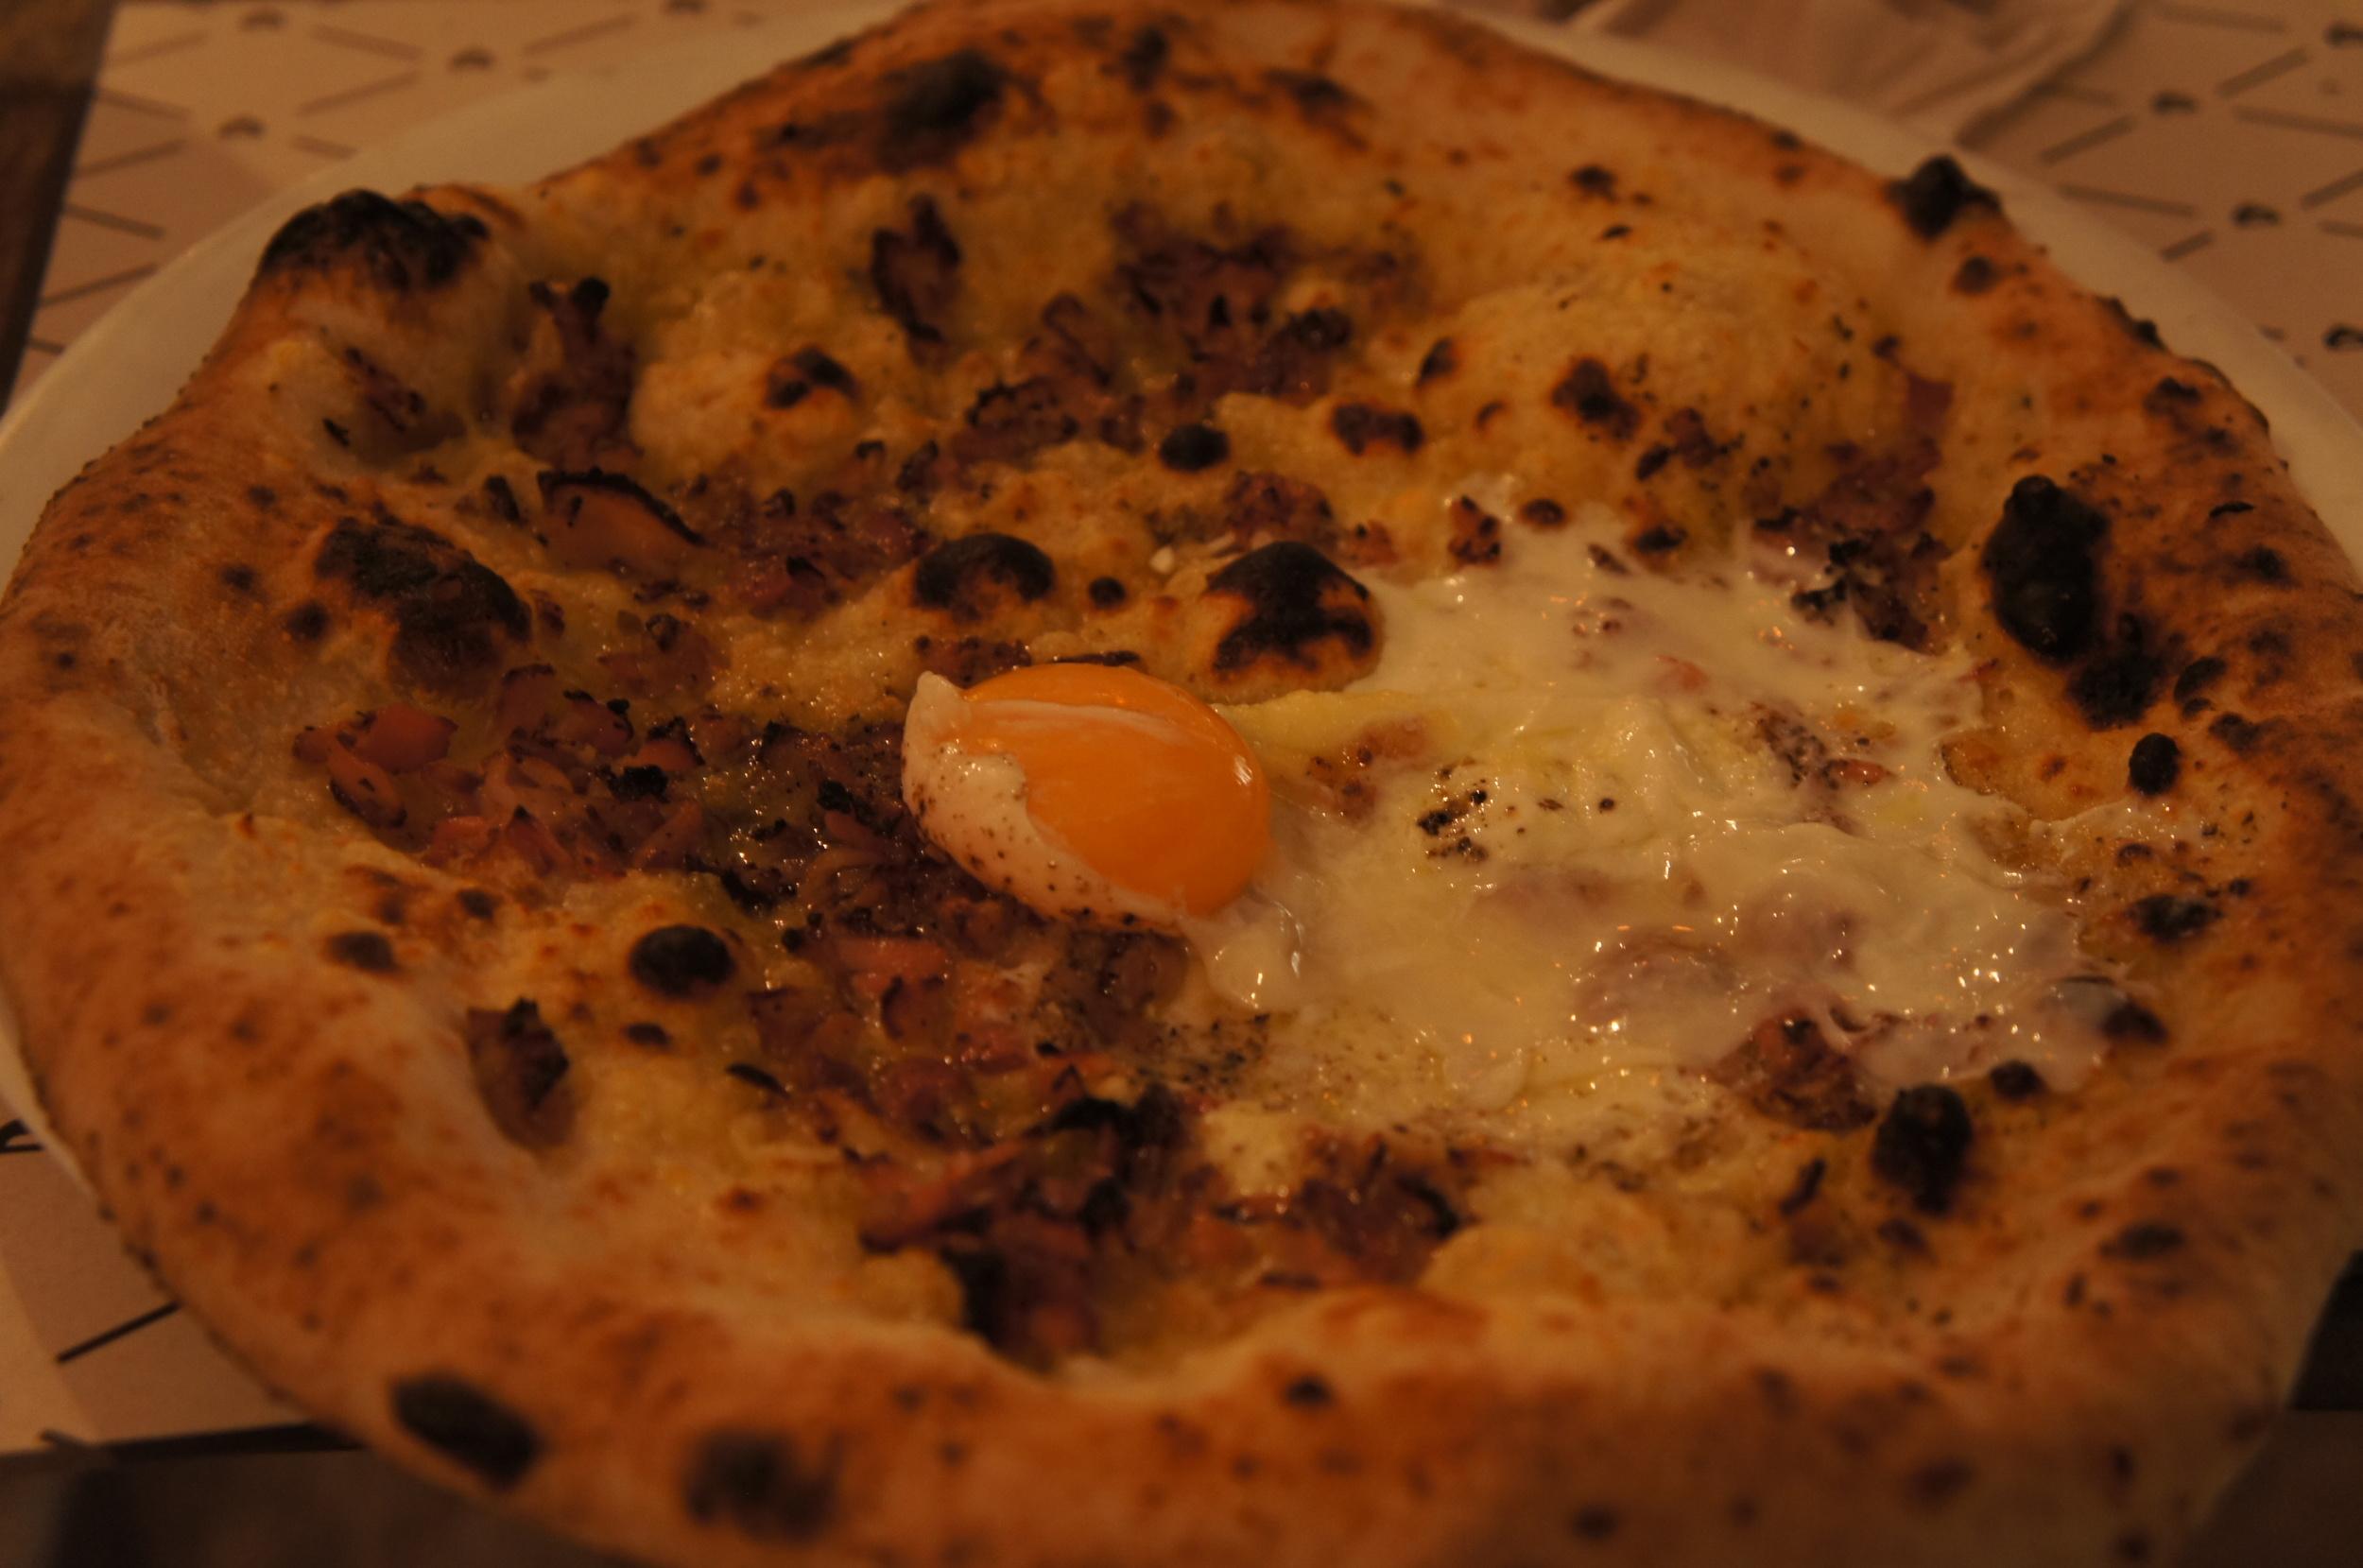 Um dos pratos foi a pizza Carbonara. Ela é um sabor super fotogênico, não é? Essa versão leva pancetta e pimenta-do-reino, que dá um toque diferente. As pizzas são em tamanho individual.